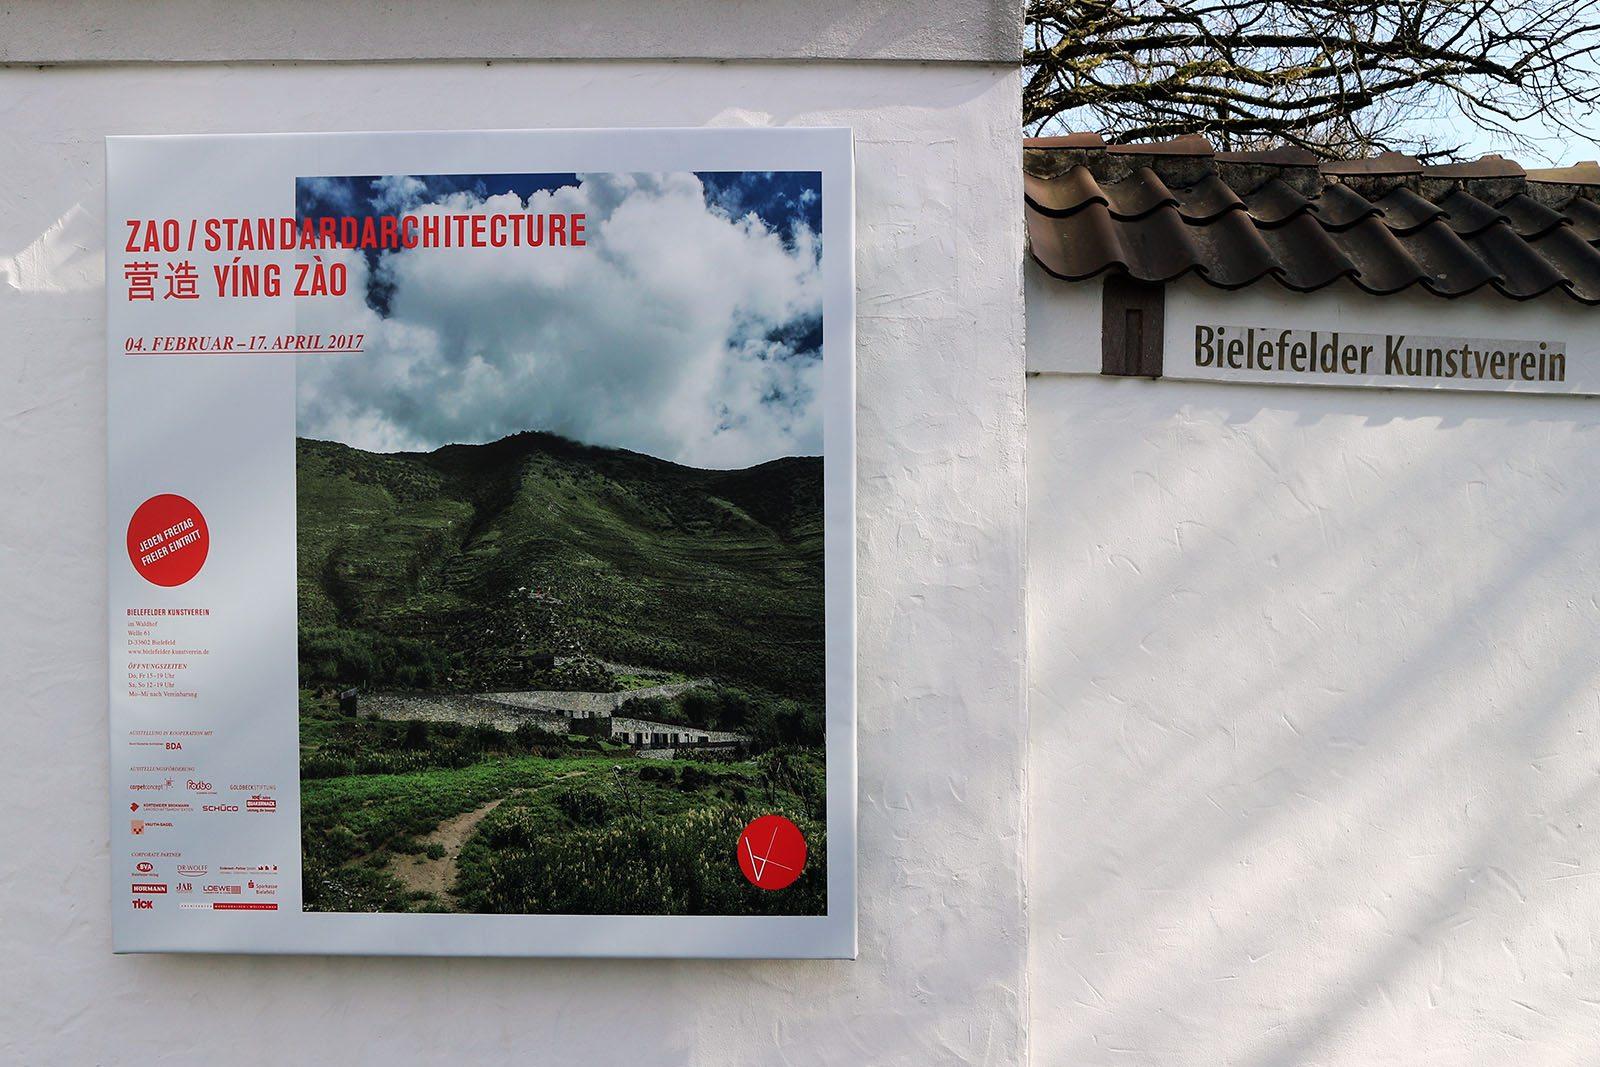 """Bielefelder Kunstverein. Die Ausstellung """"ZAO/standardarchitecture"""" in der zweijährig stattfindenden Reihe """"Baukunst"""" ist noch bis zum 17.4.2017 zu sehen."""